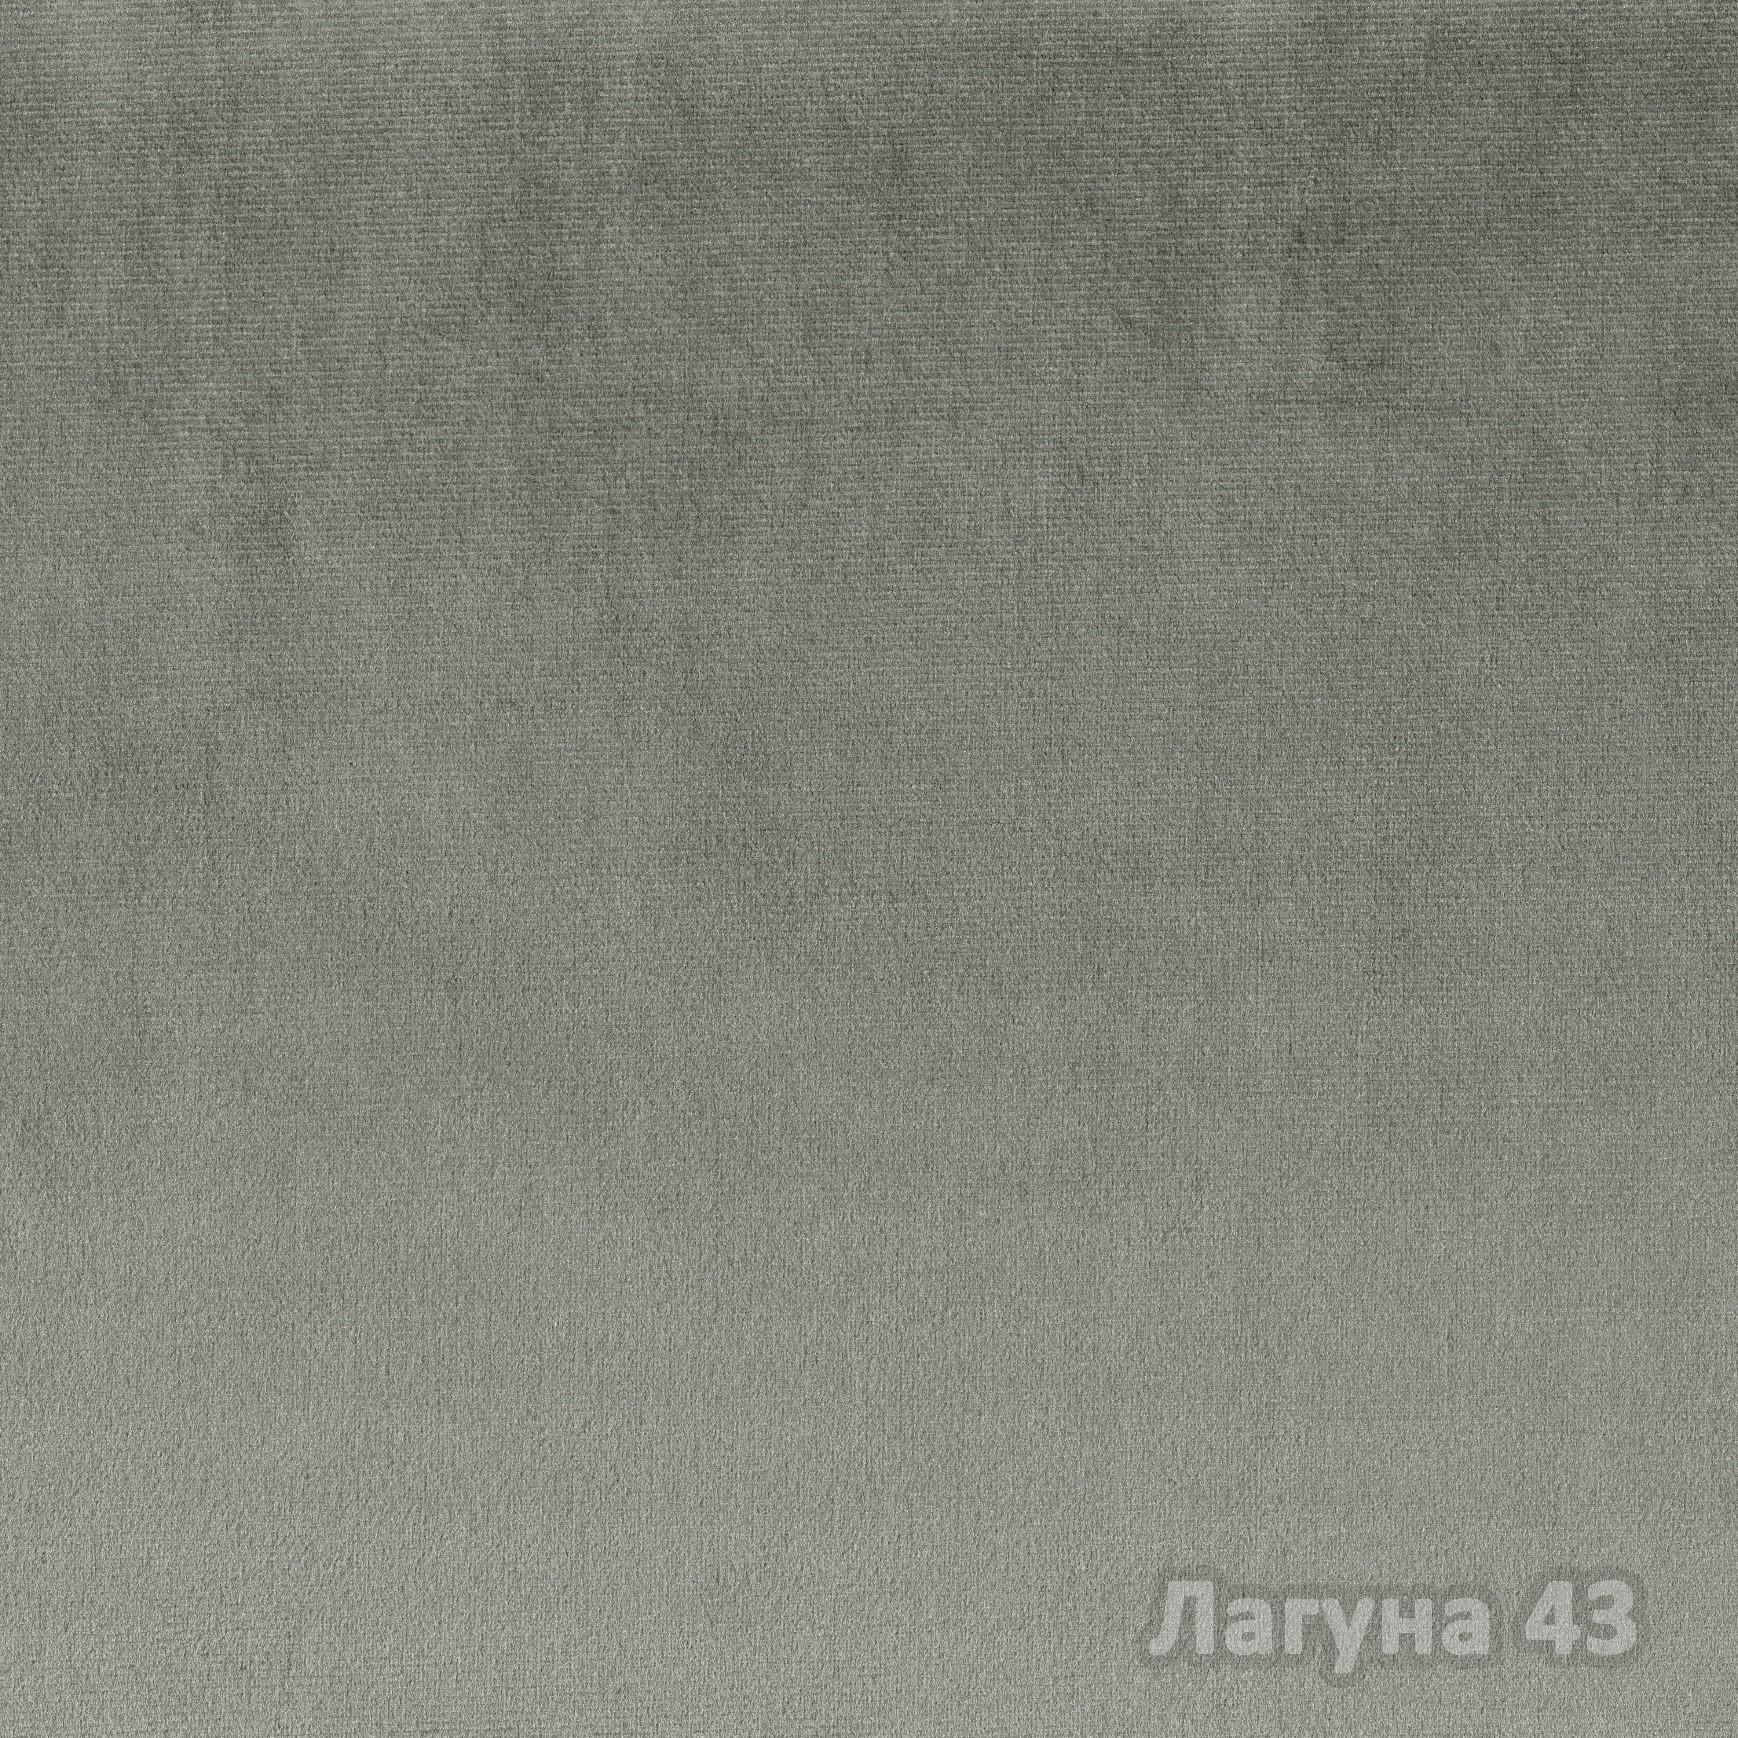 Коллекция ткани Лагуна 43,  купить ткань Велюр для мебели Украина